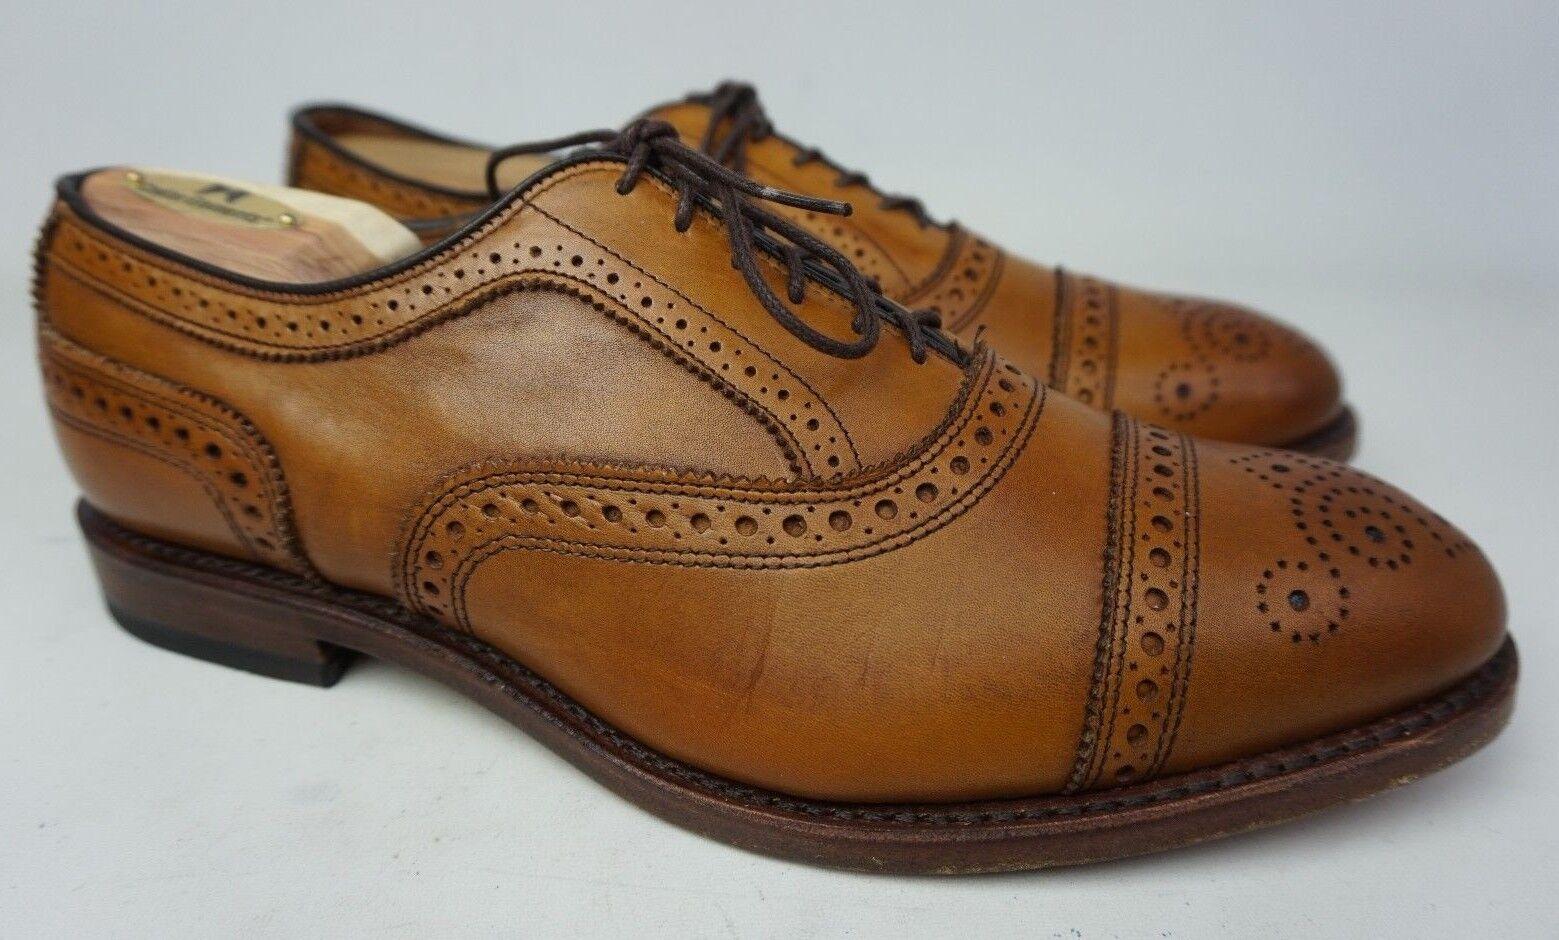 Allen Edmonds Strang Kappe Zeh Oxford Hellbraun Braunes Leder Leder Leder Schuhe Größe 9 D & ea19f3